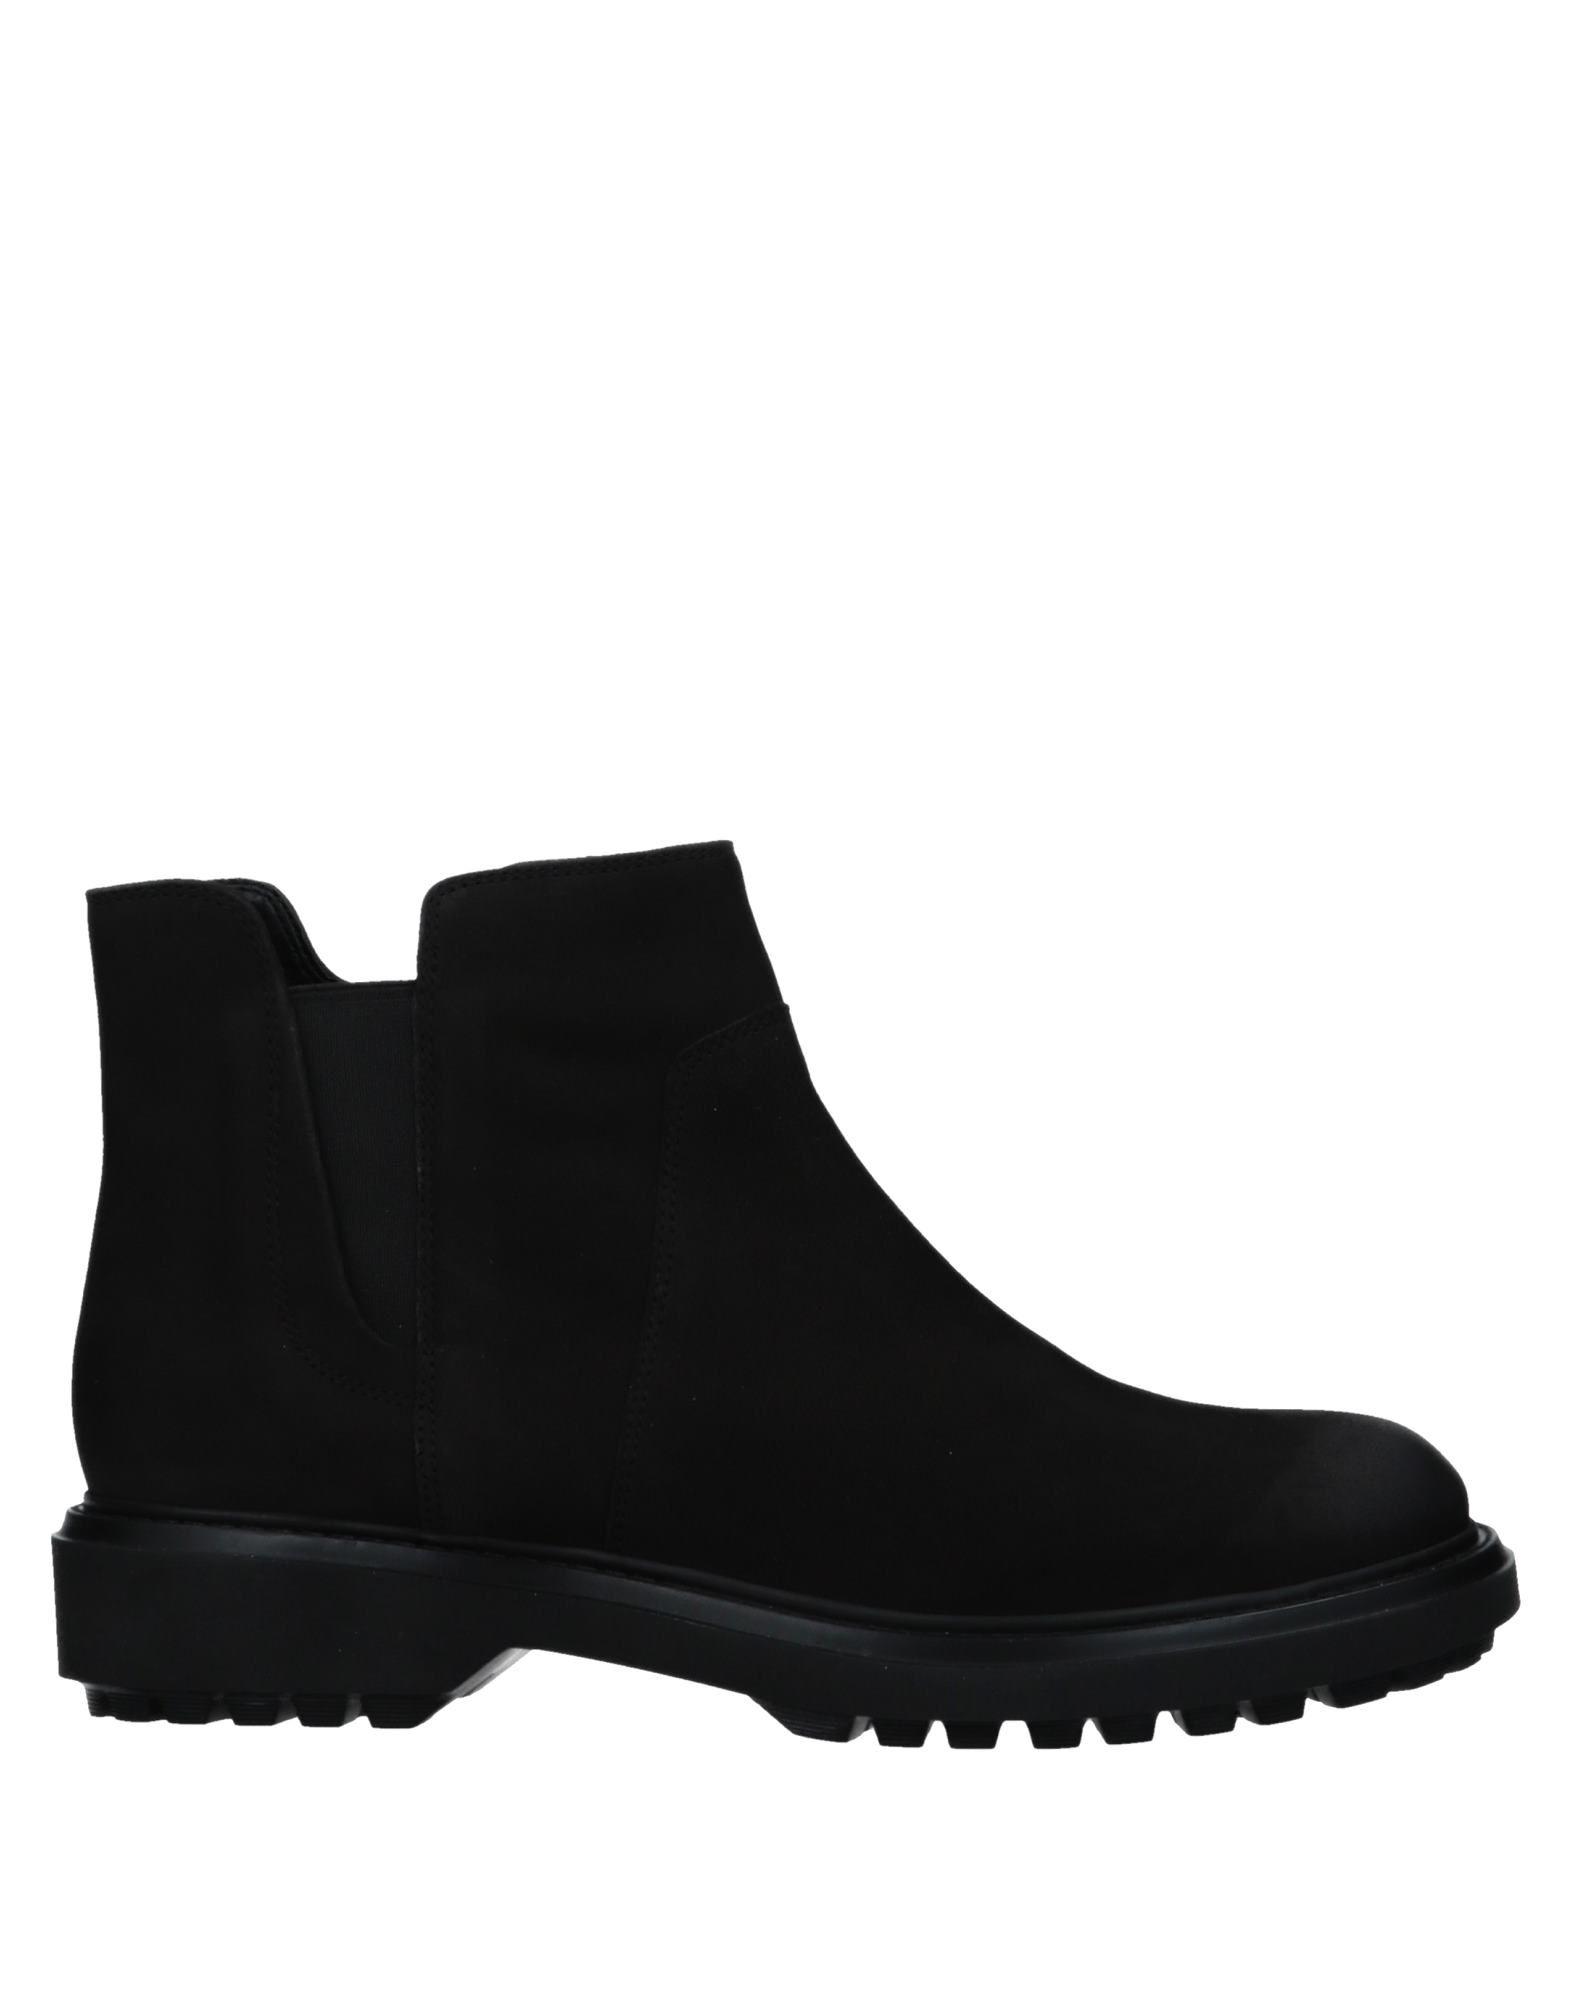 Geox Stiefelette Damen  11541902BA Gute Qualität beliebte Schuhe